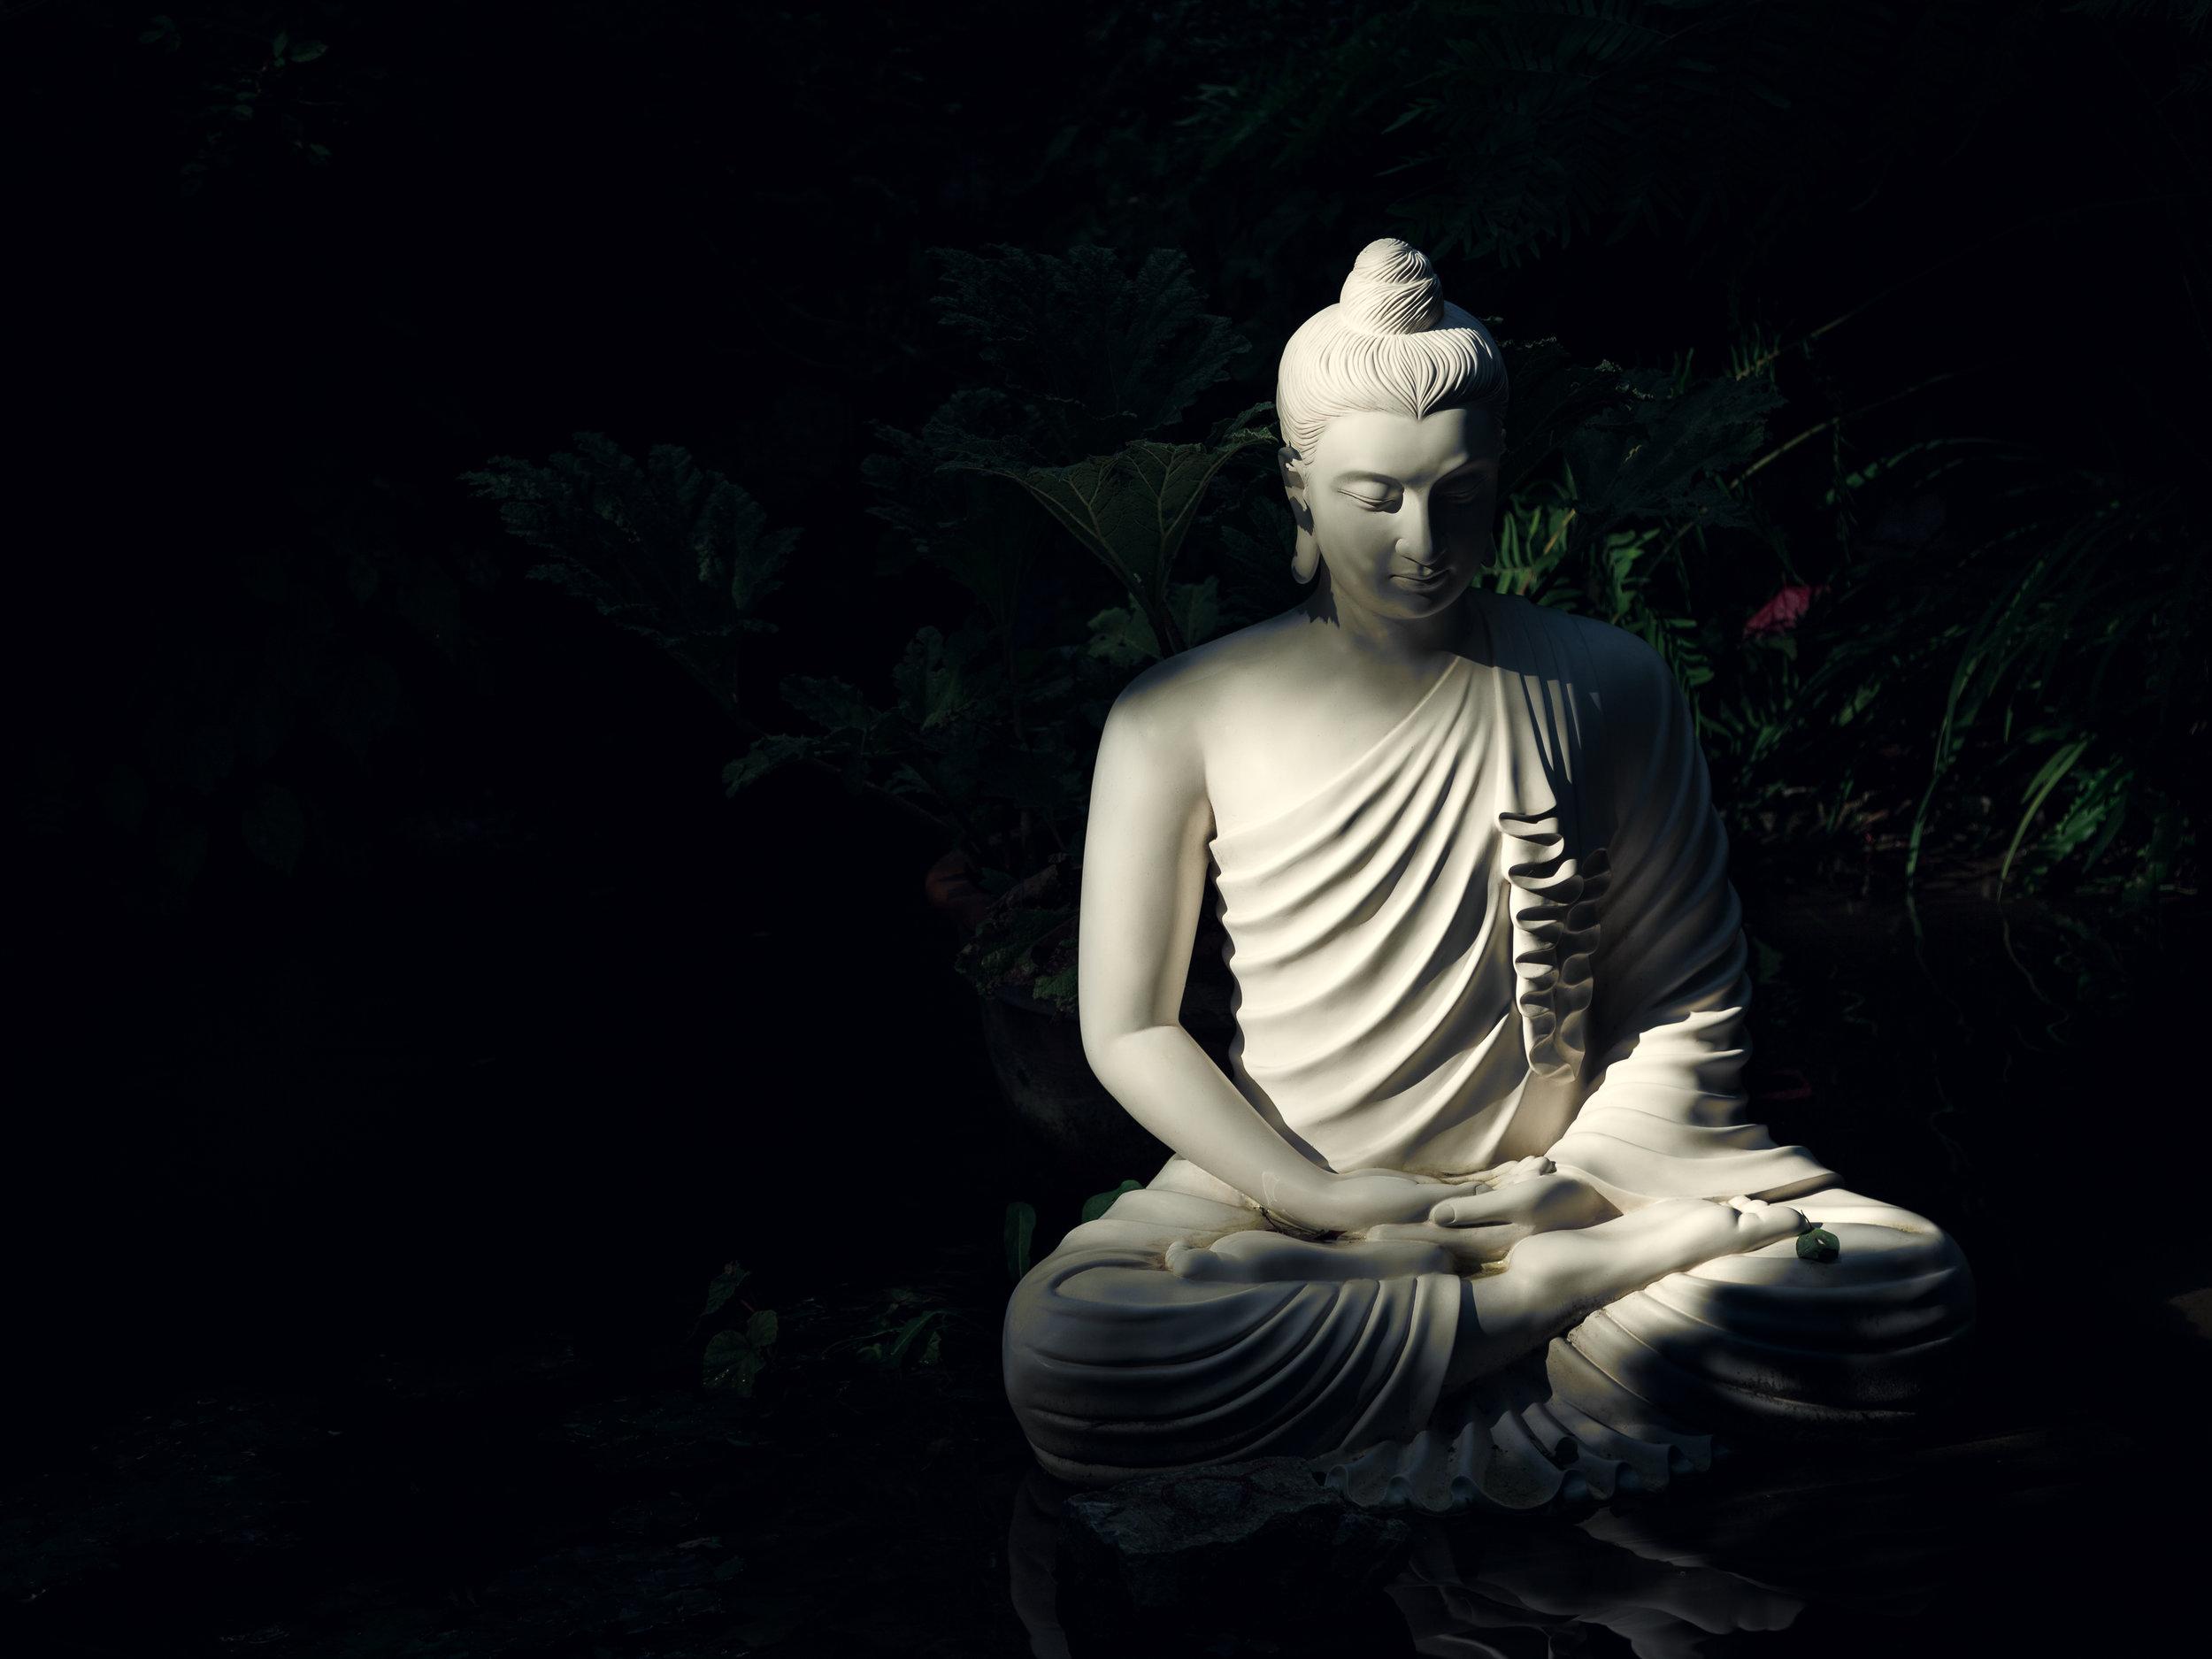 Invece che concentrarti sul respiro o sul corpo, sii consapevole di essere seduto.